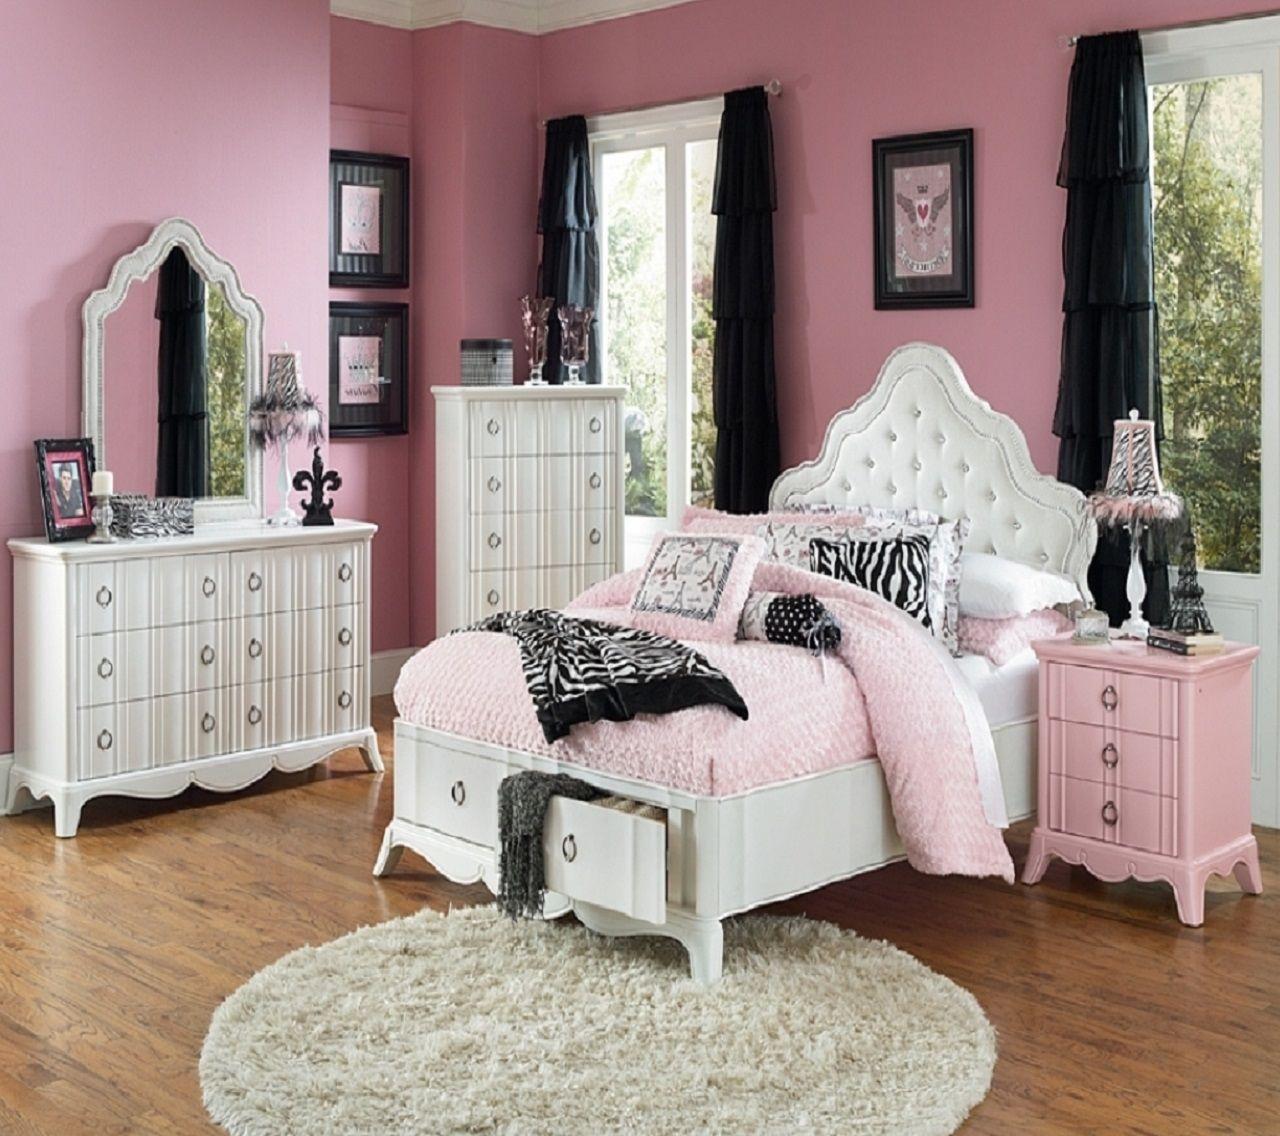 Int pink black bedroom med episodeinteractive episode for Black and pink wallpaper for bedroom